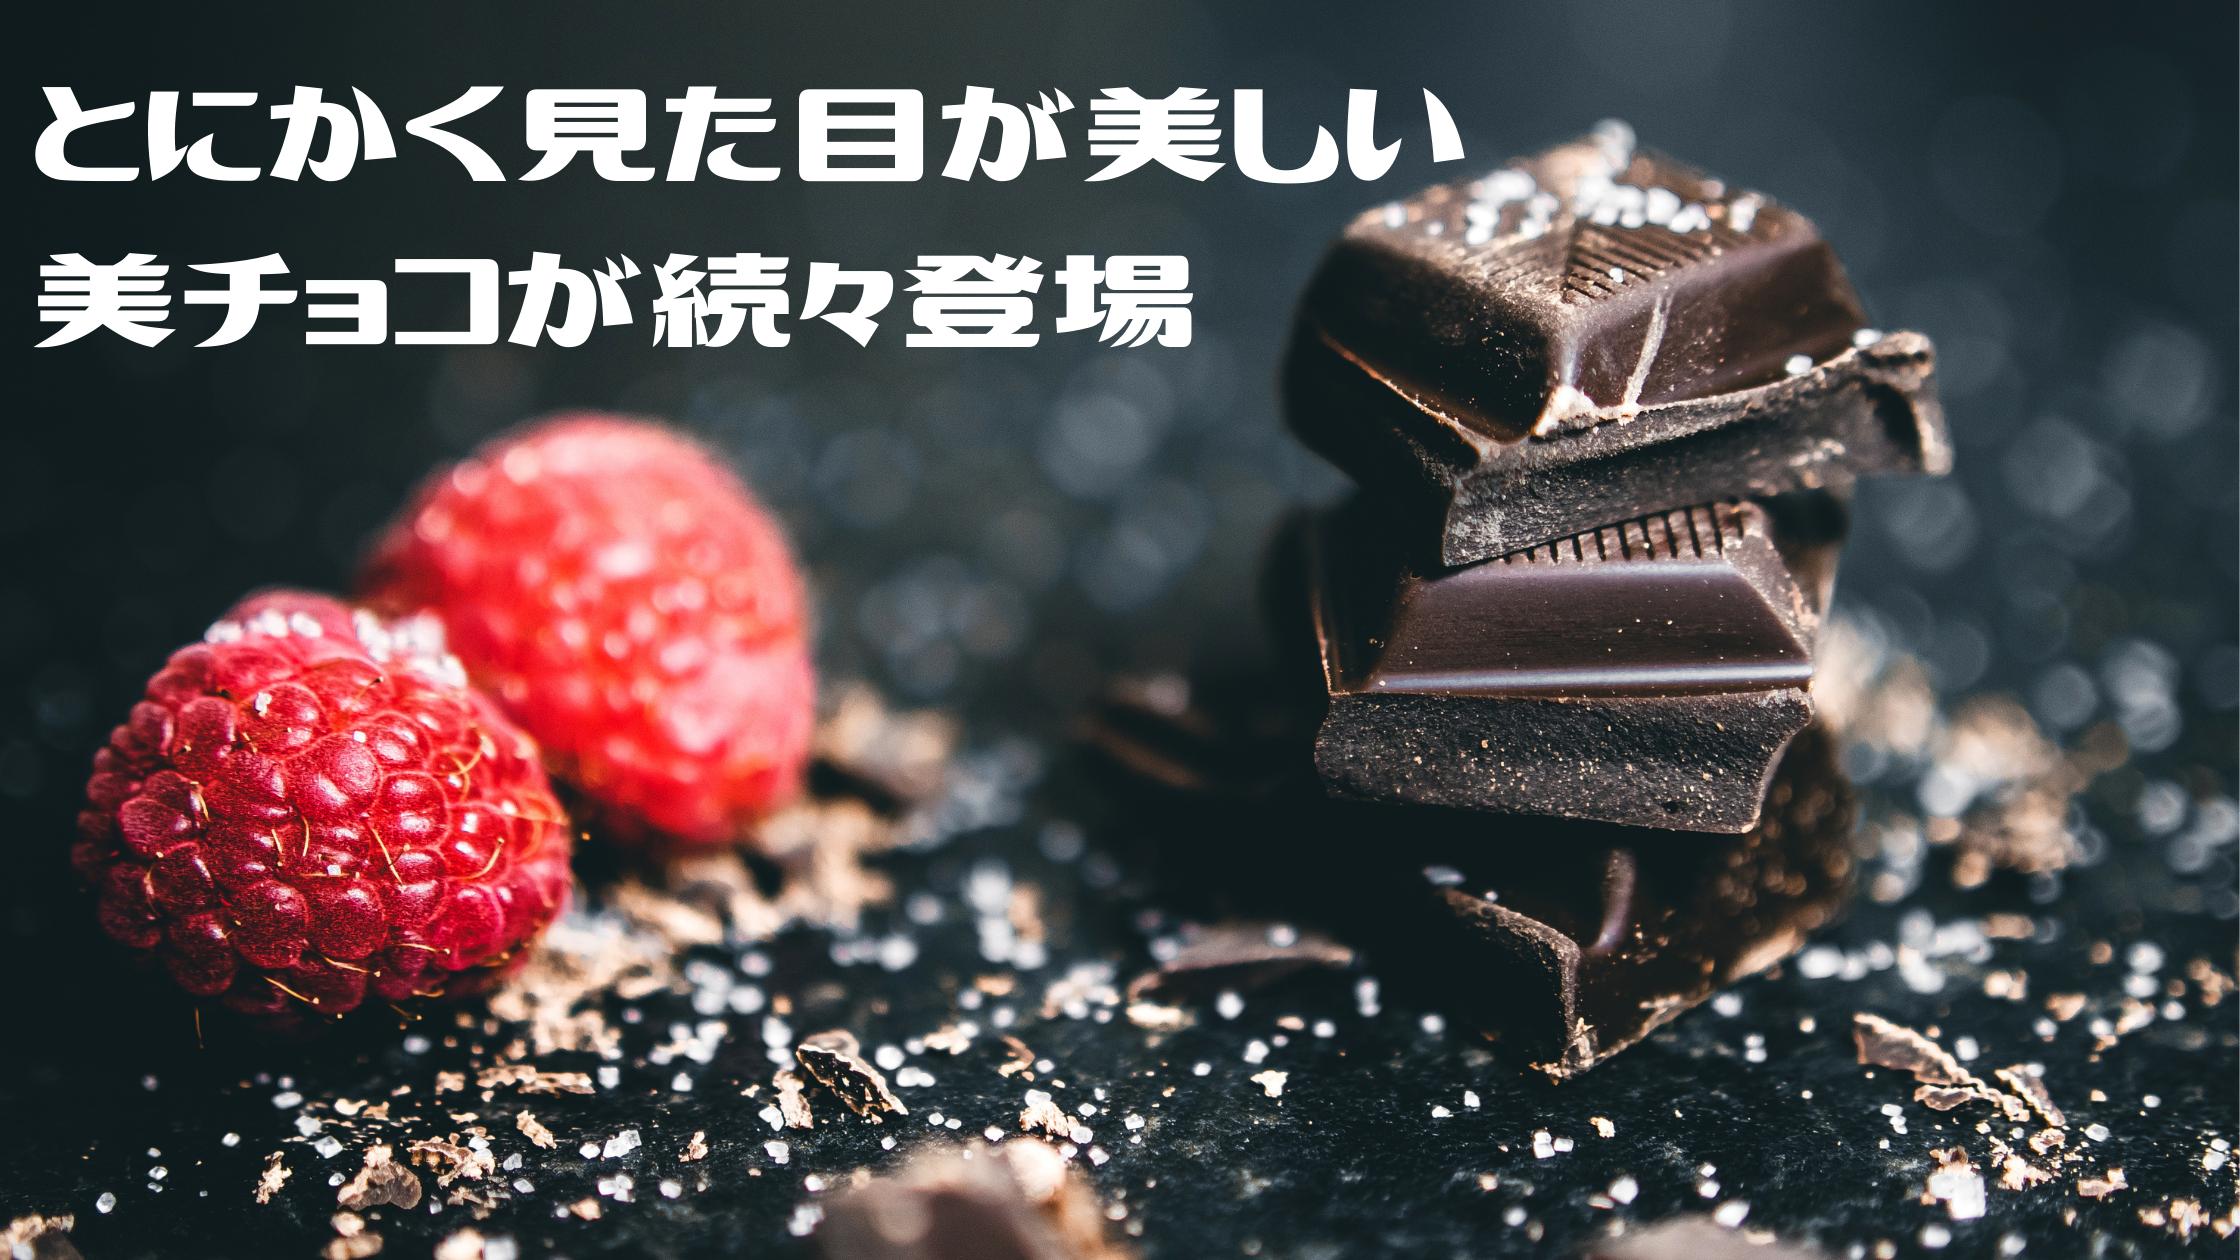 【ZIP】バレンタイン!とにかく見た目が美しい『ブーケのような花束チョコ』『日本画のようは和風チョコ』『青い花びらチョコ』 美チョコが続々登場